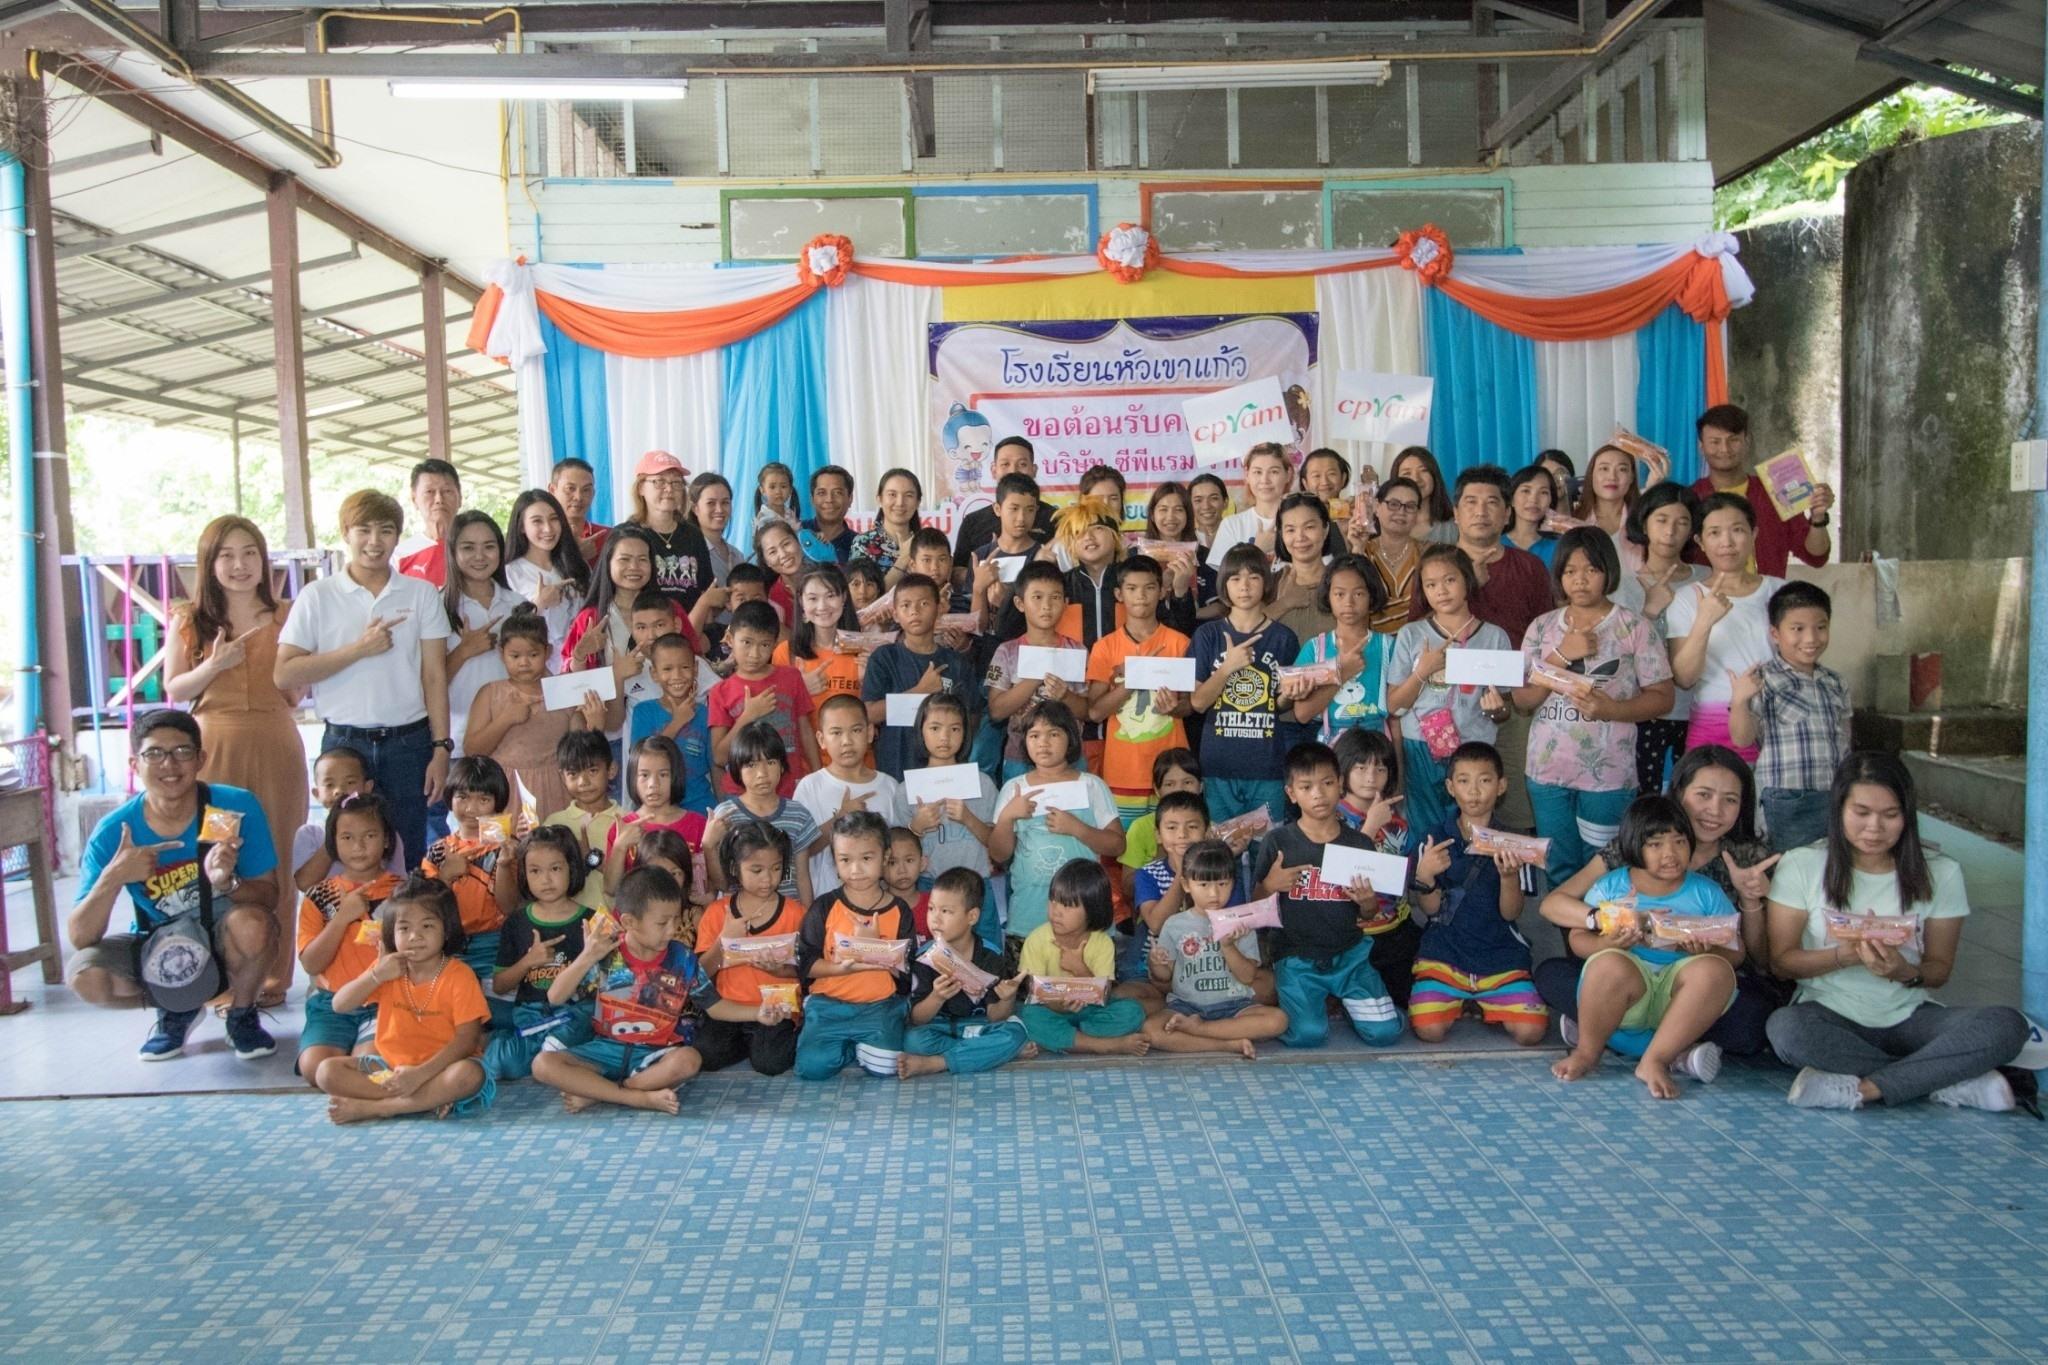 ซีพีแรม ยกระดับสู่ความยั่งยืนทางอาหาร สร้างความตระหนักถึงการลดความสูญเปล่าของอาหาร ผ่านกิจกรรม CPRAM FOOD STATION @Nakhon Nayok